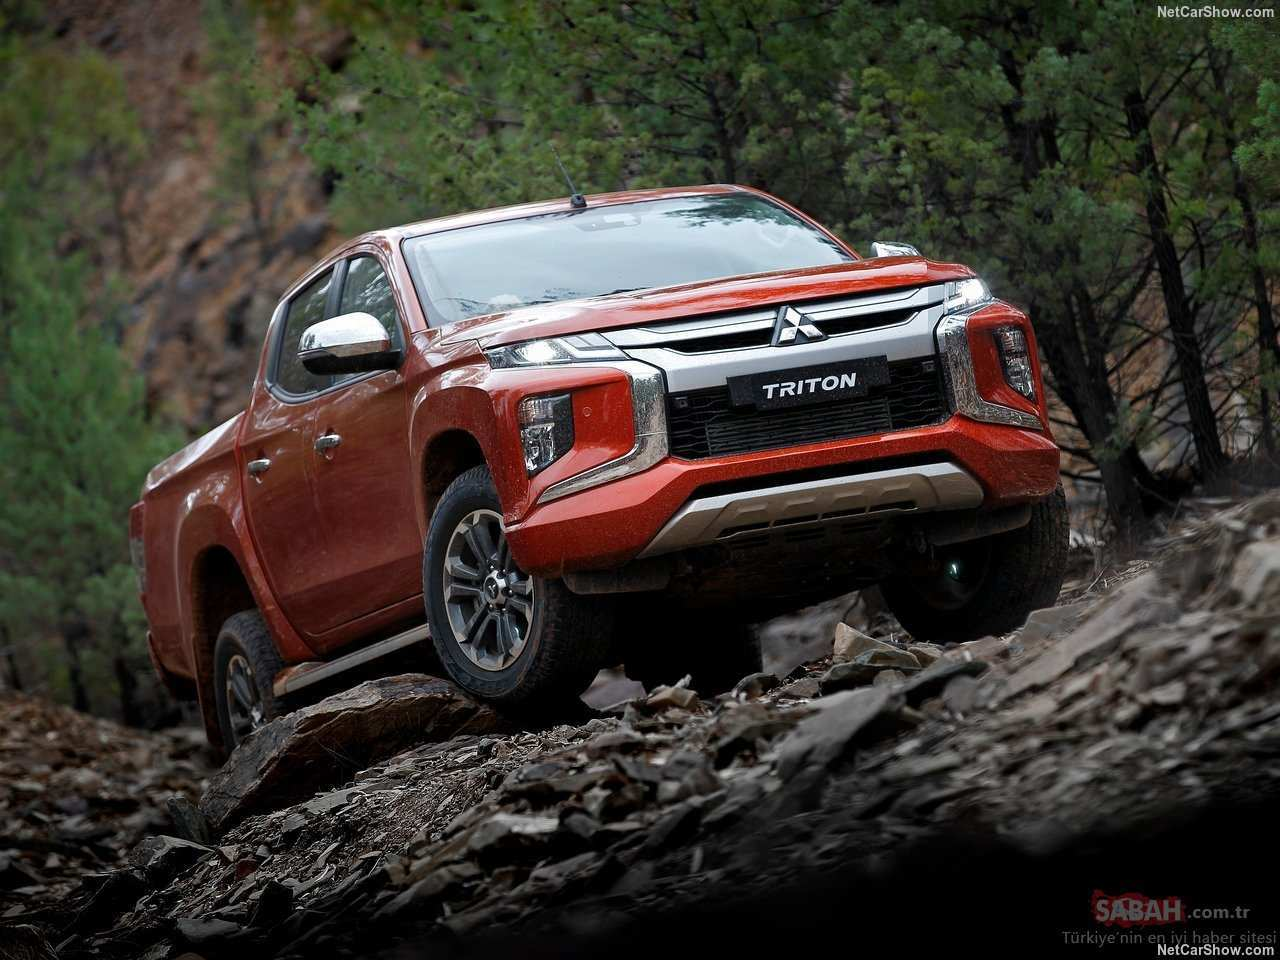 75 All New Mitsubishi Motors 2020 Rumors with Mitsubishi Motors 2020